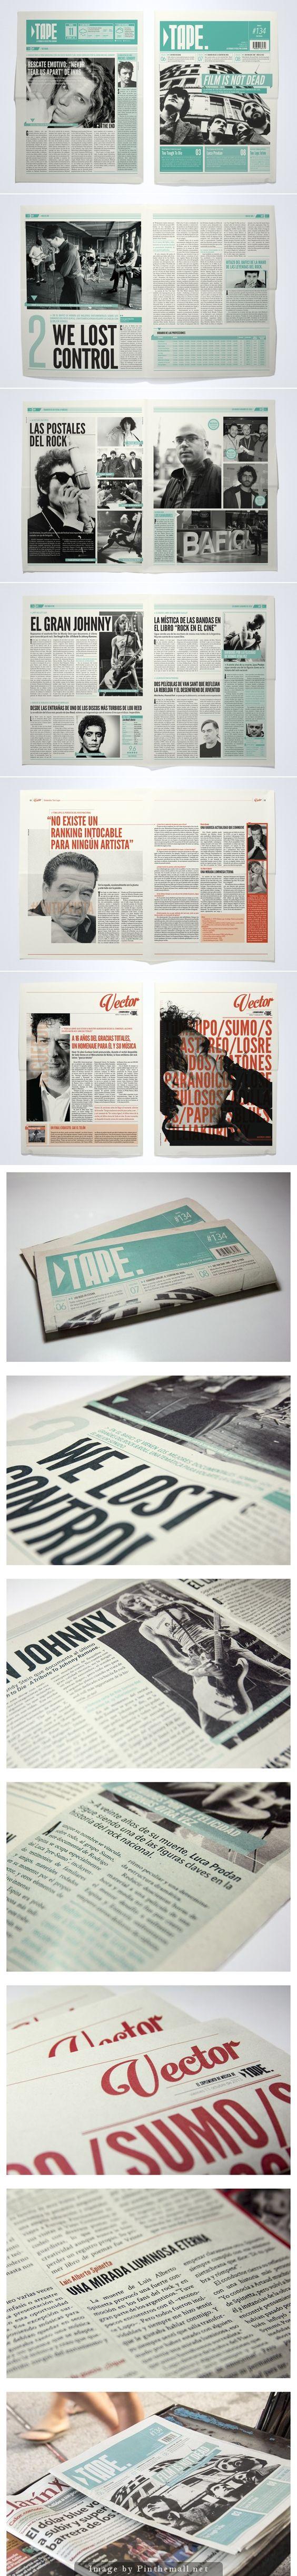 TAPE Newspaper by Juan Ignacio Roldán Nieva